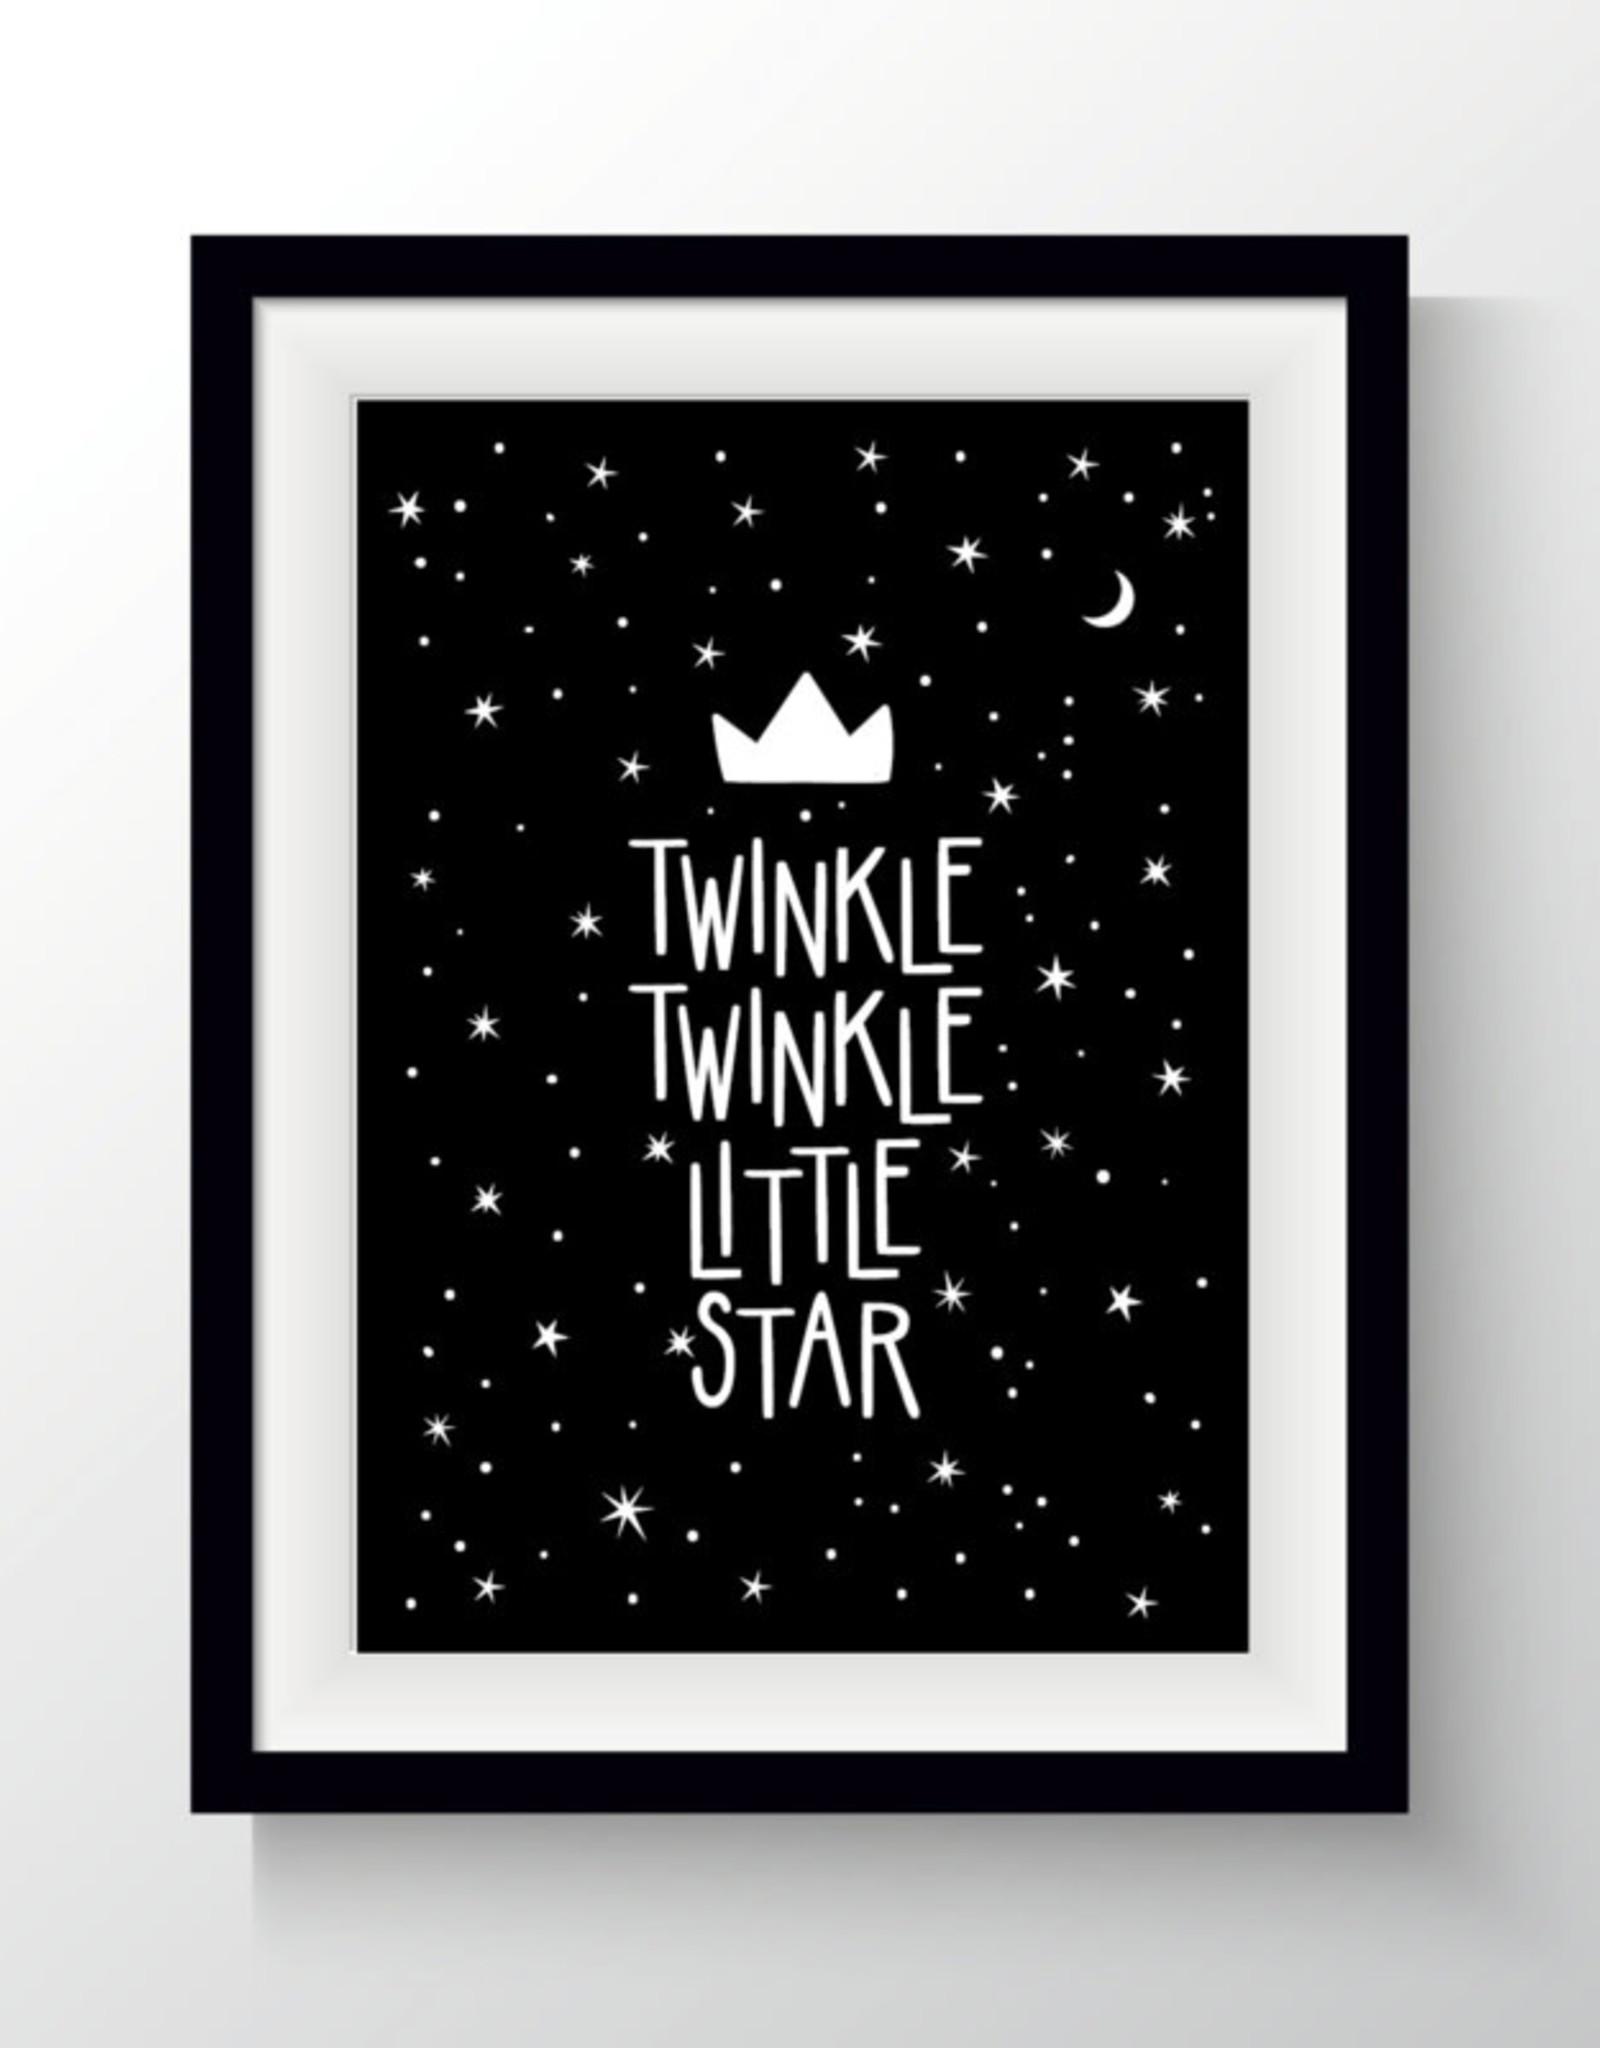 Van Mariel kaart a6 Van Mariel: twinkle twinkle little star